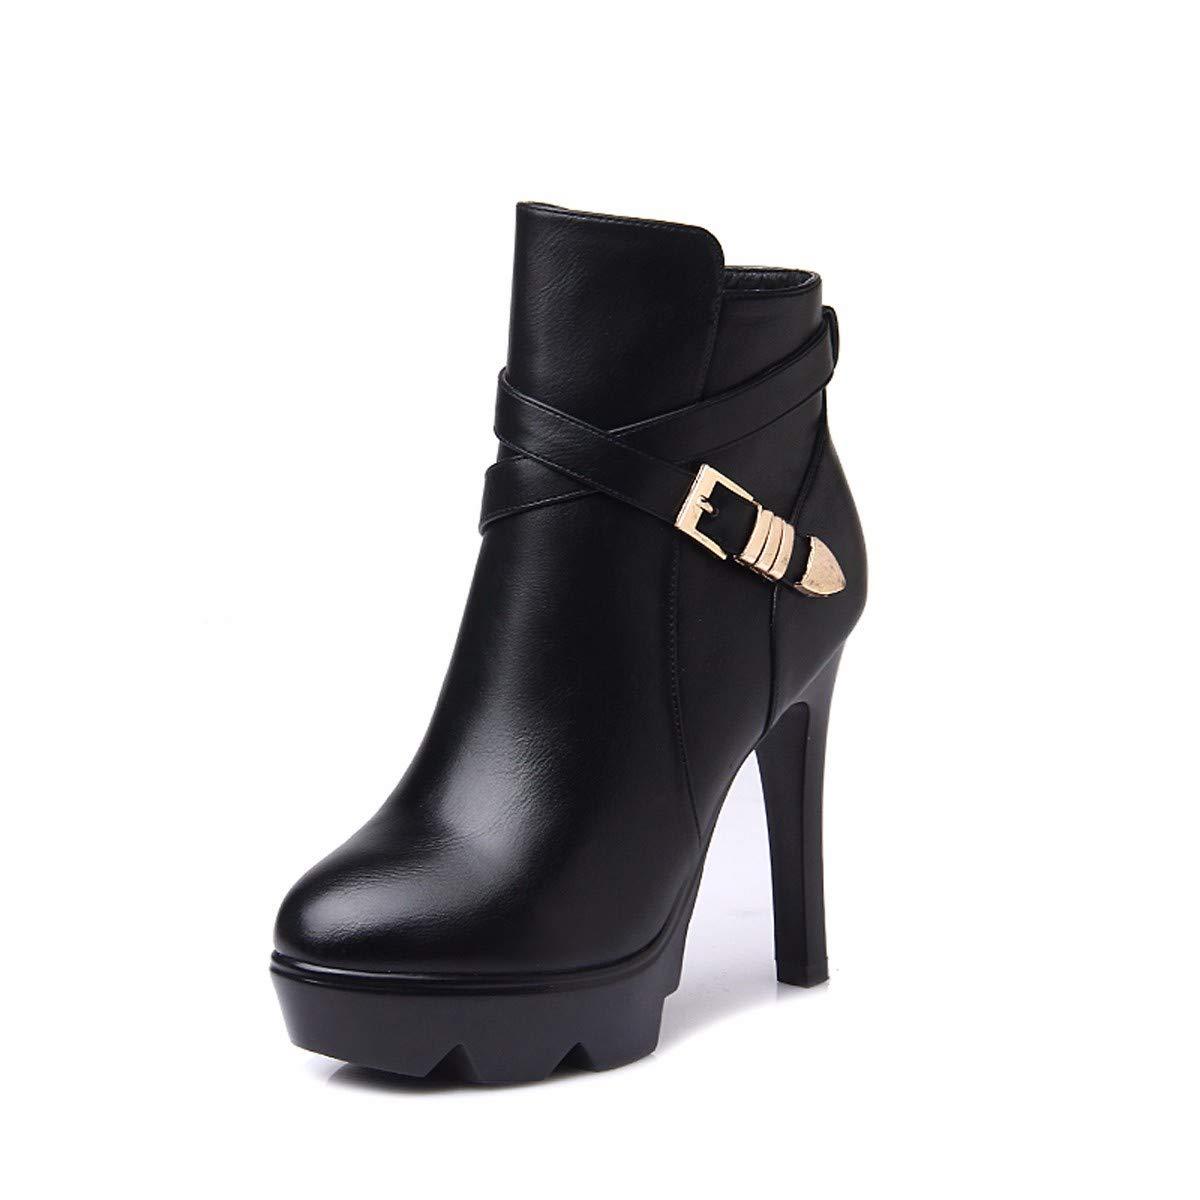 KPHY Damenschuhe Schuhe Gürtelschnallen Heel 11Cm Martin Stiefel Runden Kopf Wasserdichte Plattform Samt Baumwolle Stiefel 100 Sätze Nackte Stiefel